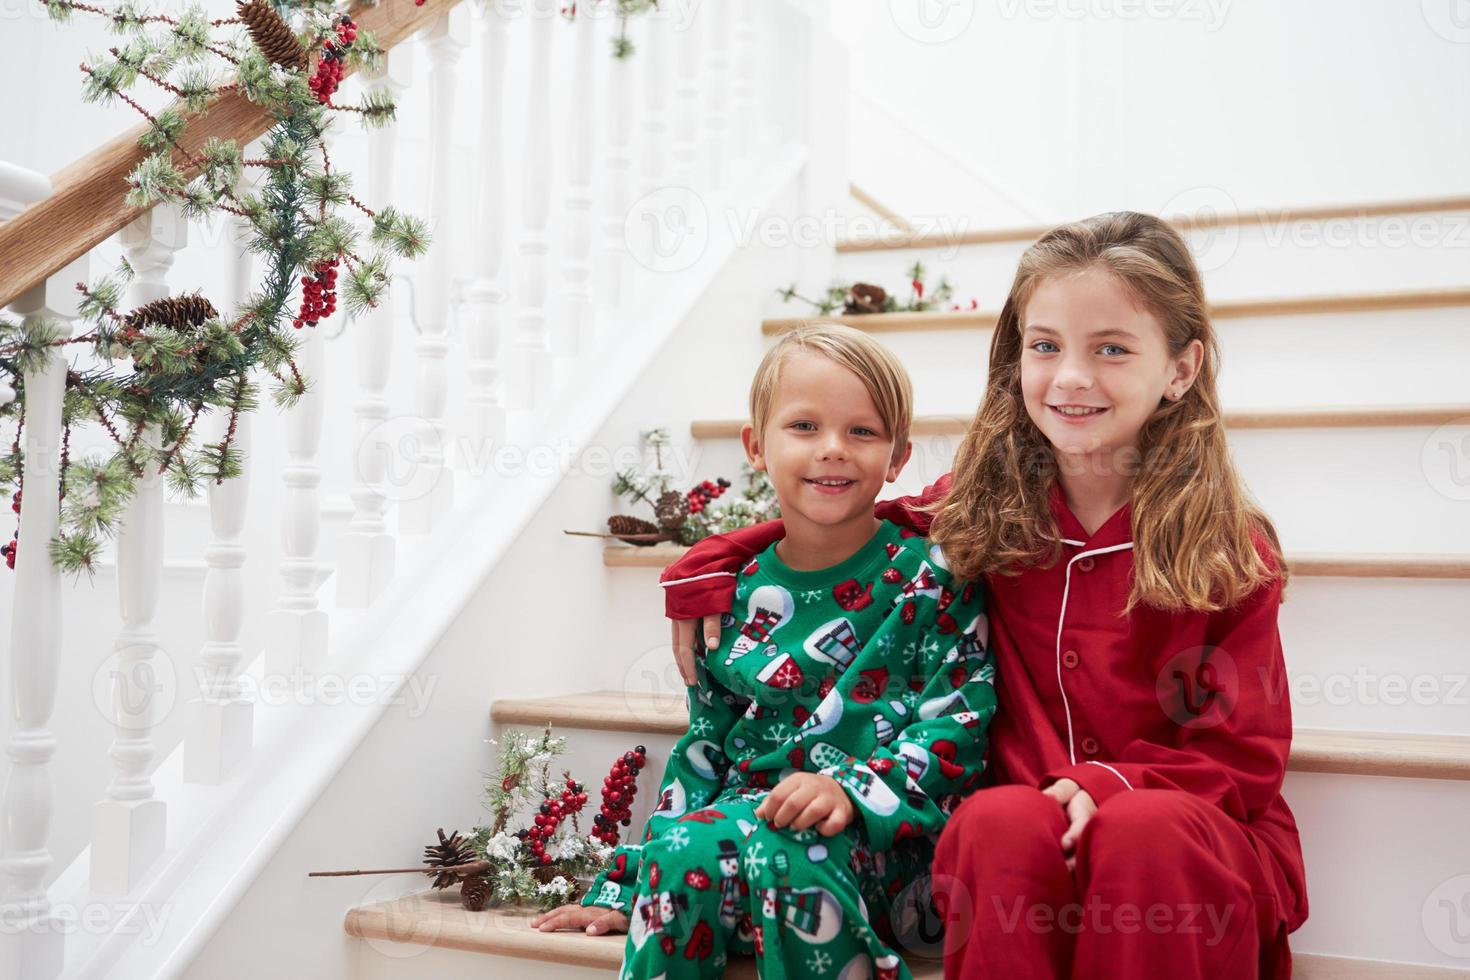 twee kinderen zitten op trappen in pyjama met Kerstmis foto